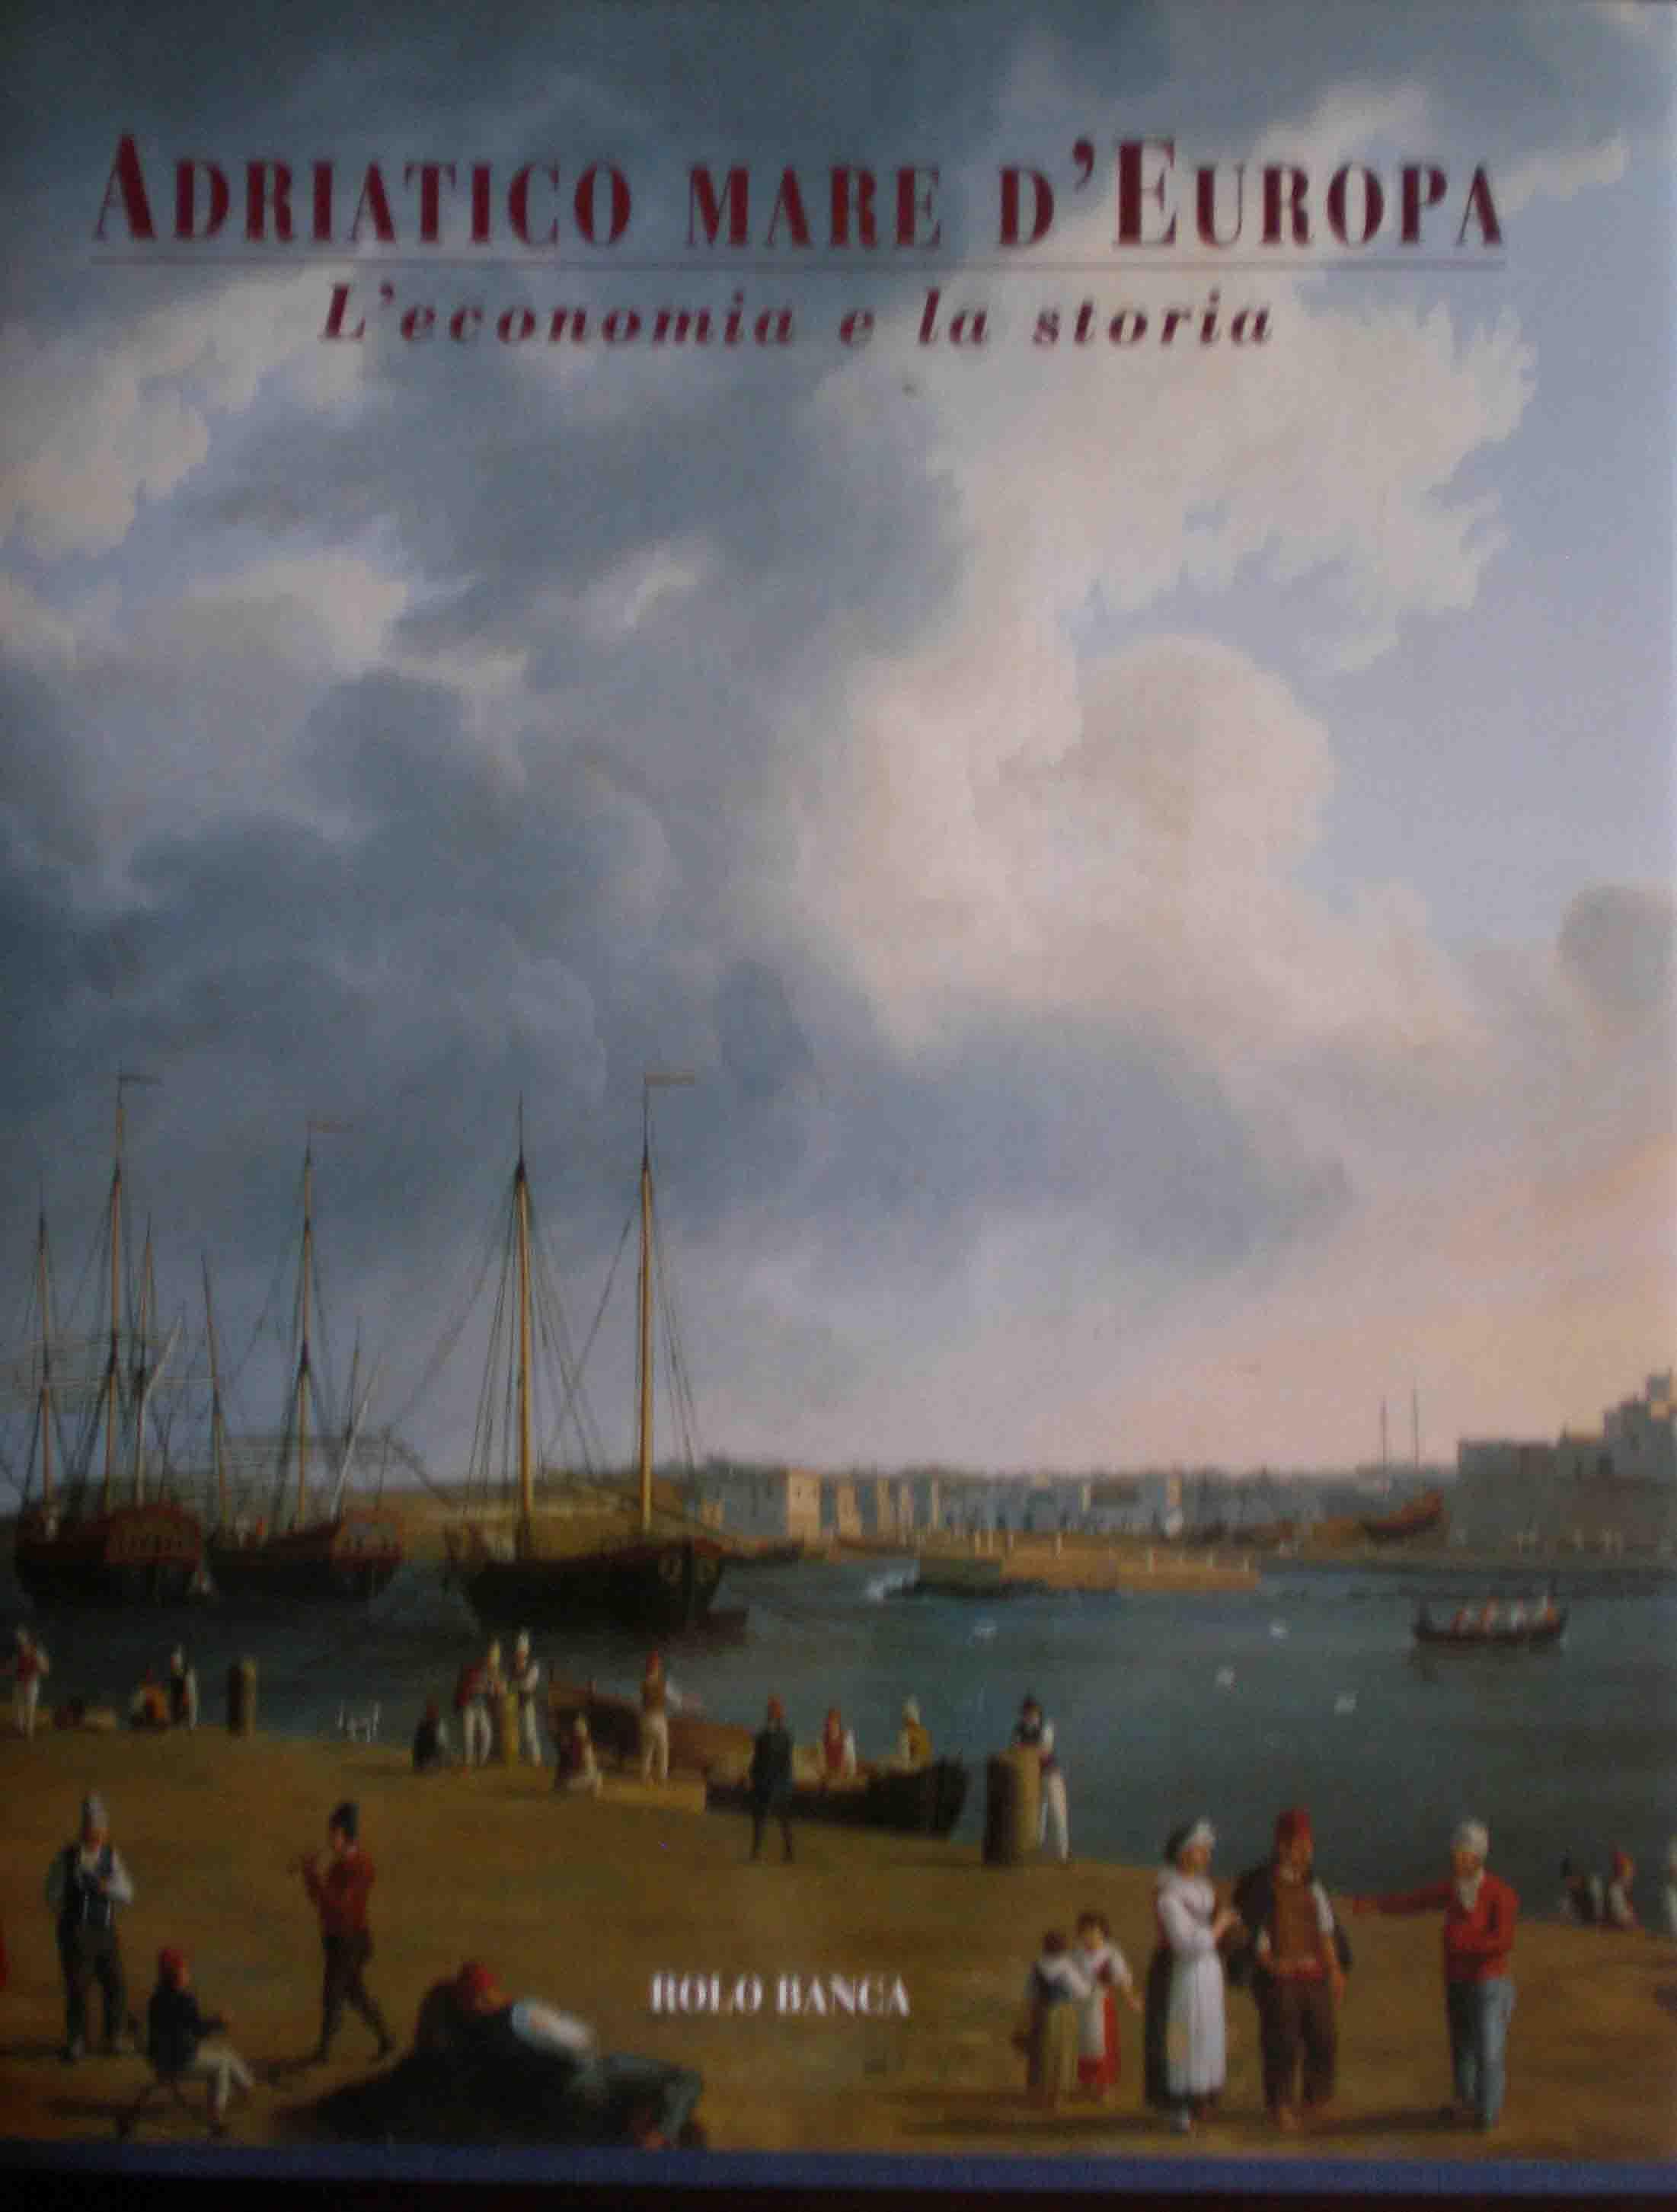 Adriatico mare d'Europa